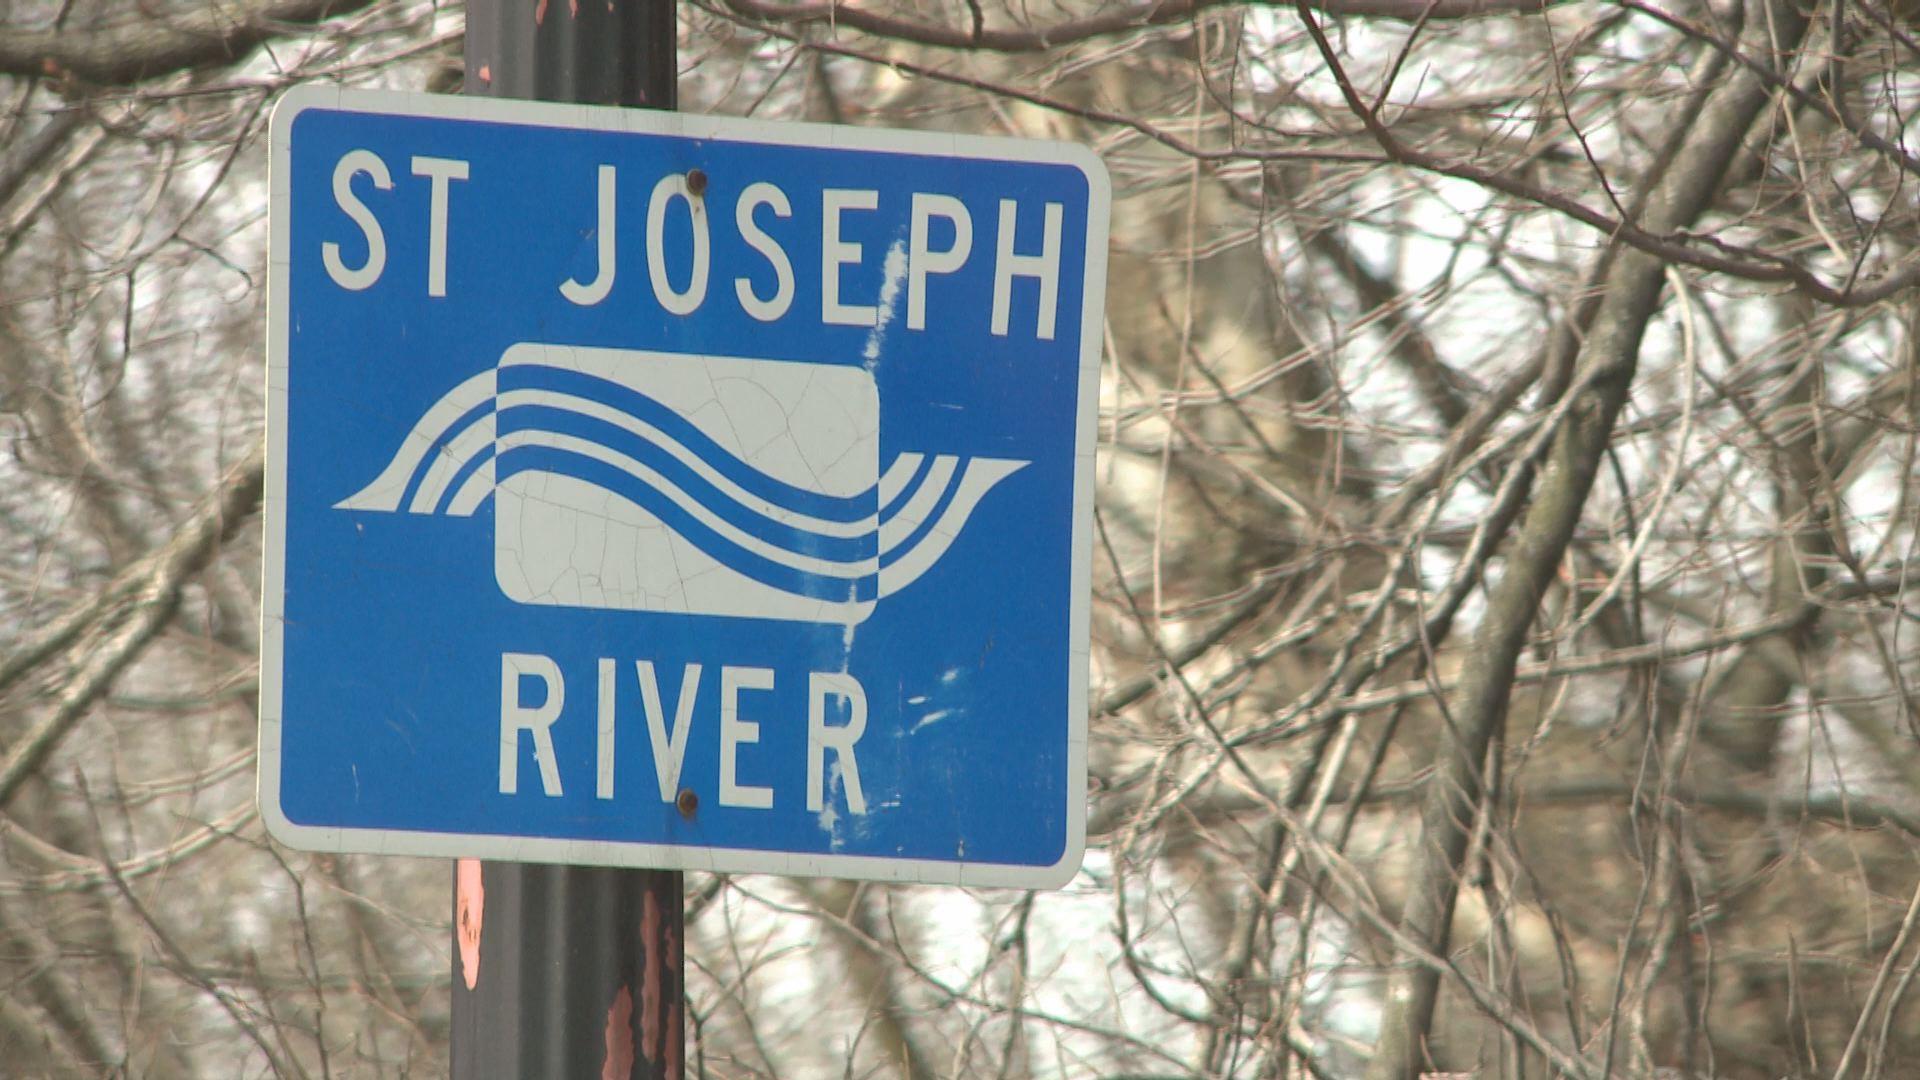 St. Joseph River sign_1554413529215.jpg.jpg